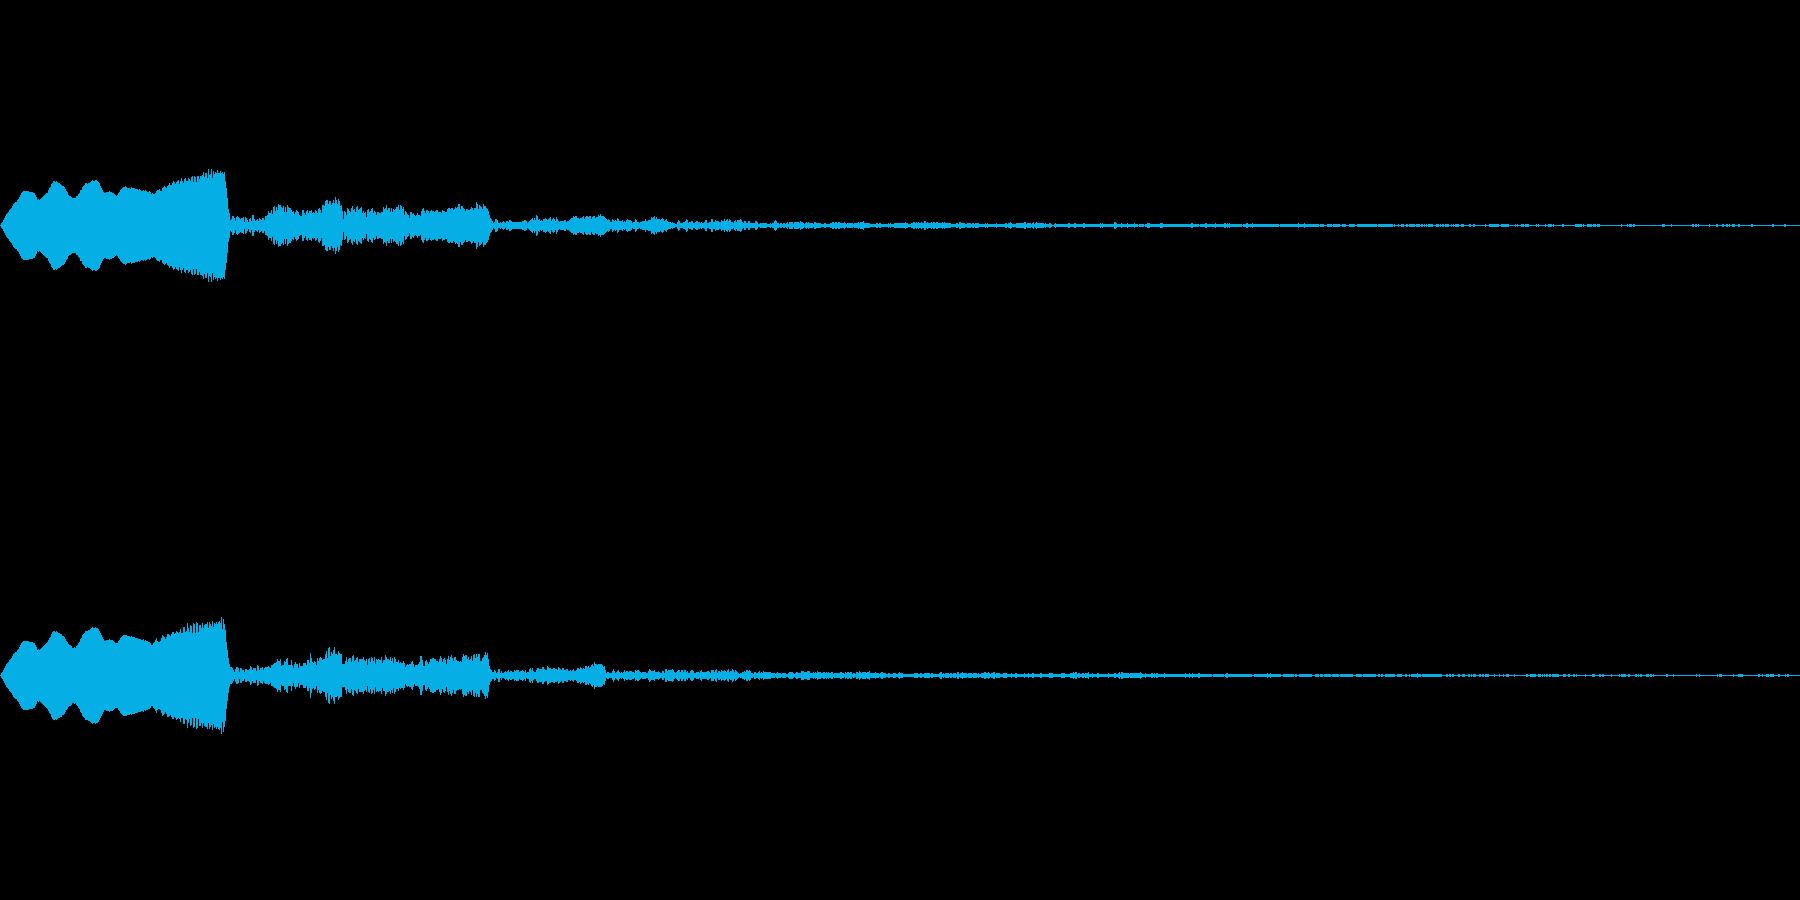 ピヨィ 鳥の声のような音の再生済みの波形